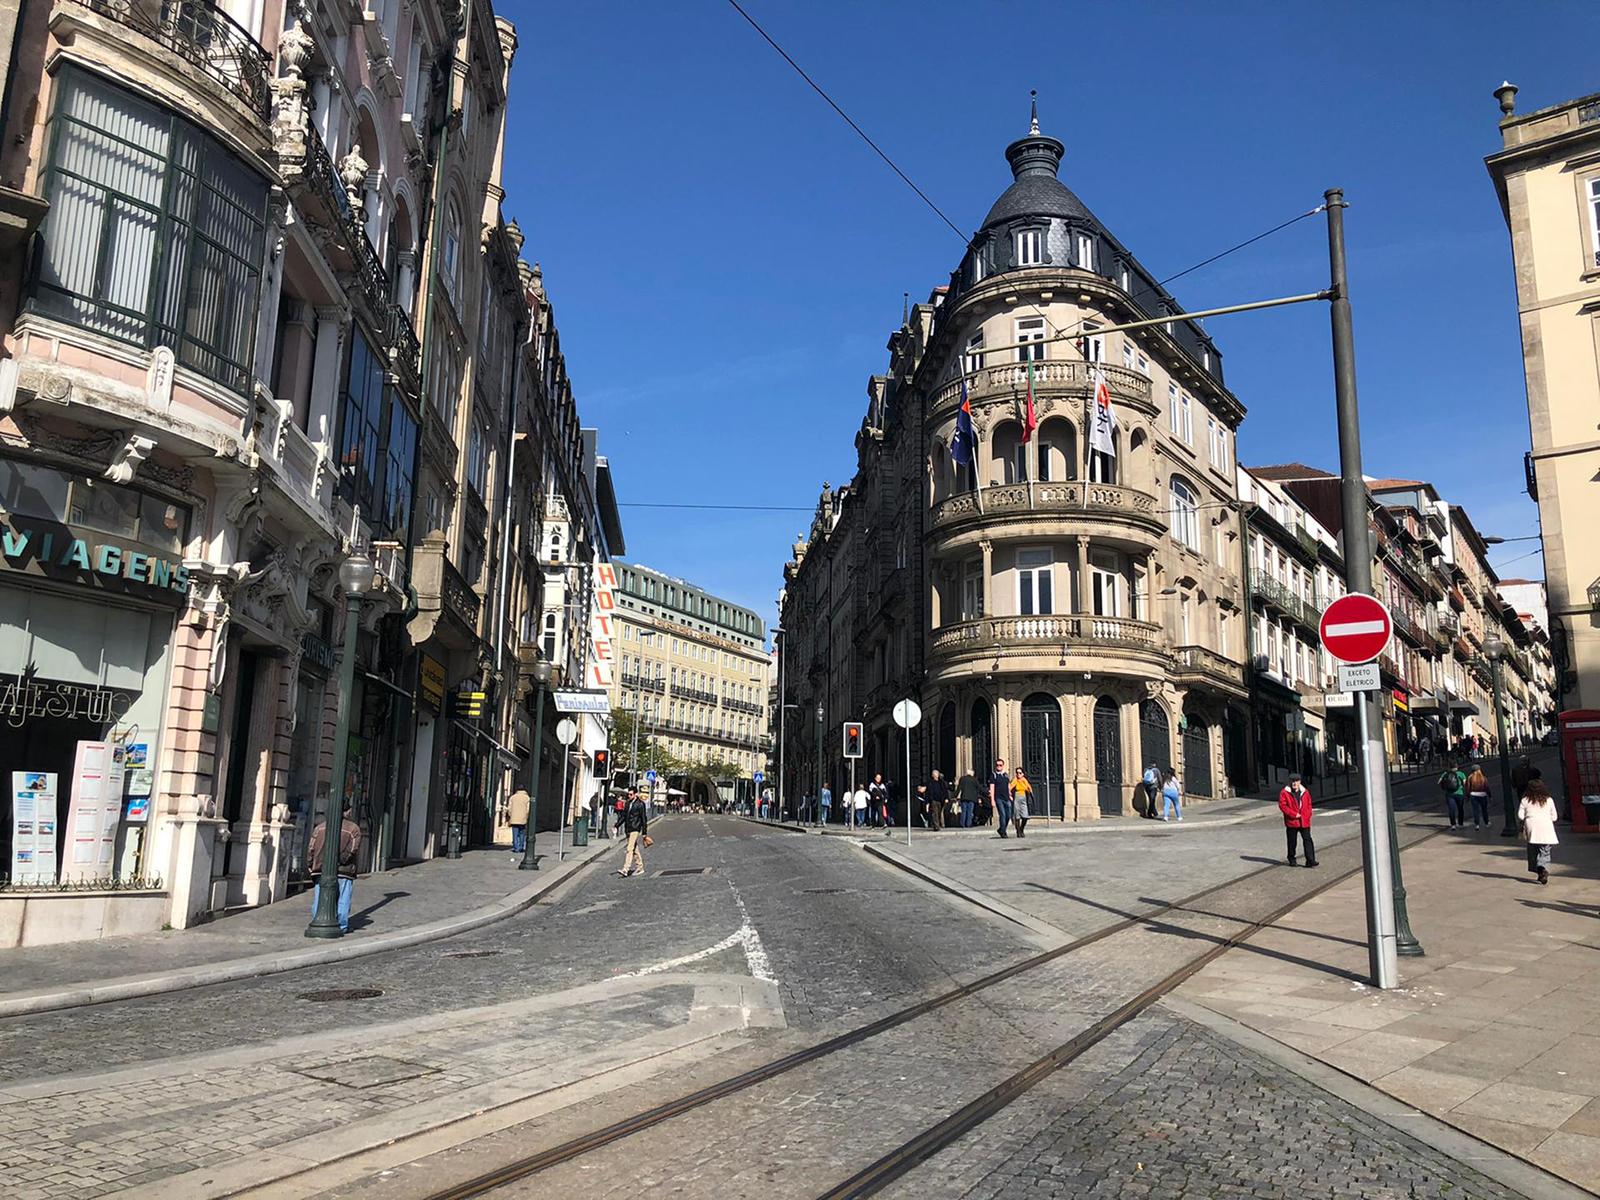 Building near Santa Catarina and Praça do Marquês